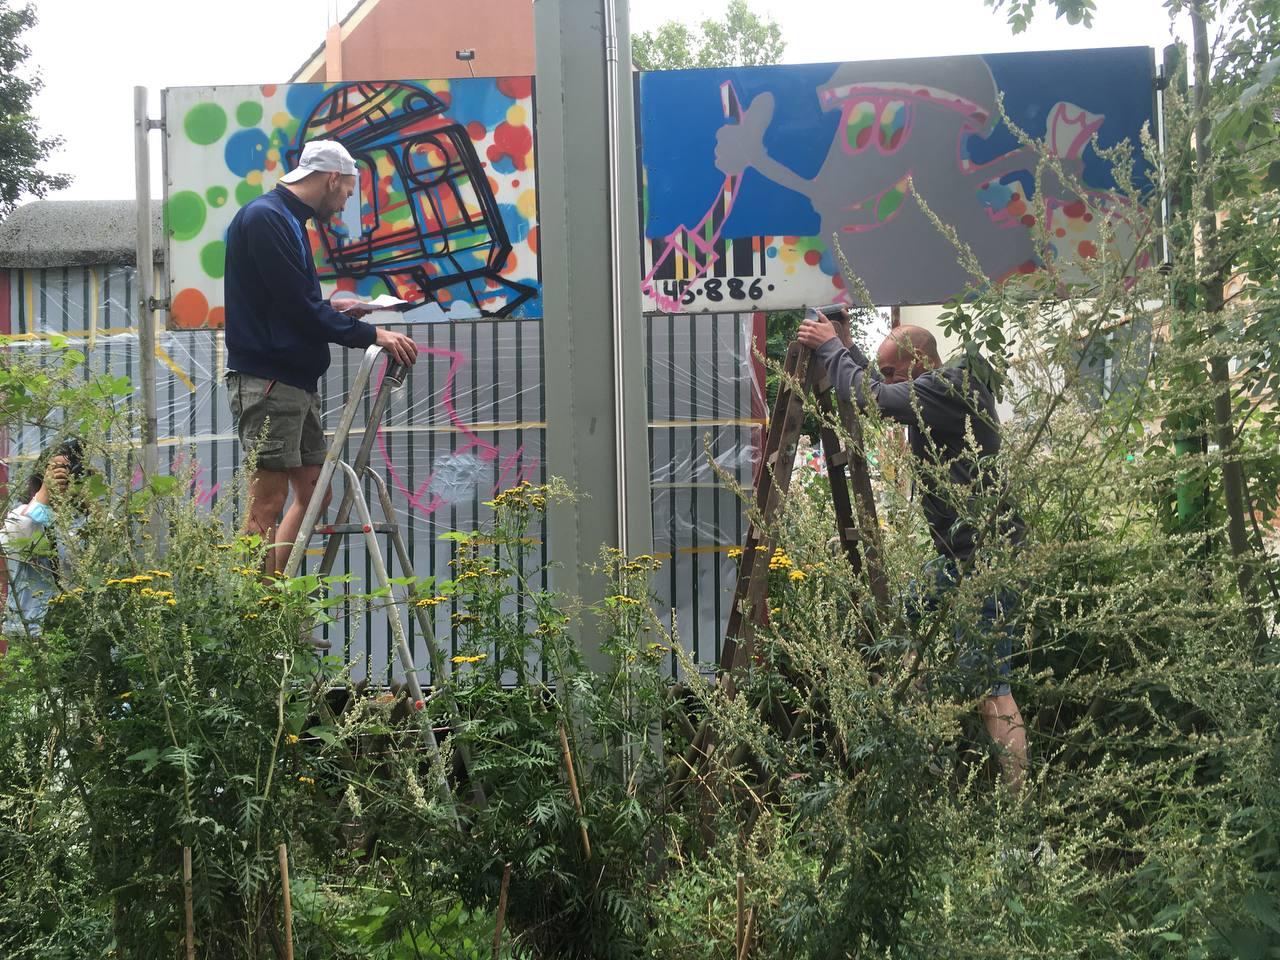 Ein Rückblick auf die Veranstaltung im Gemeinschaftsgarten Gelsenkirchen Ückendorf